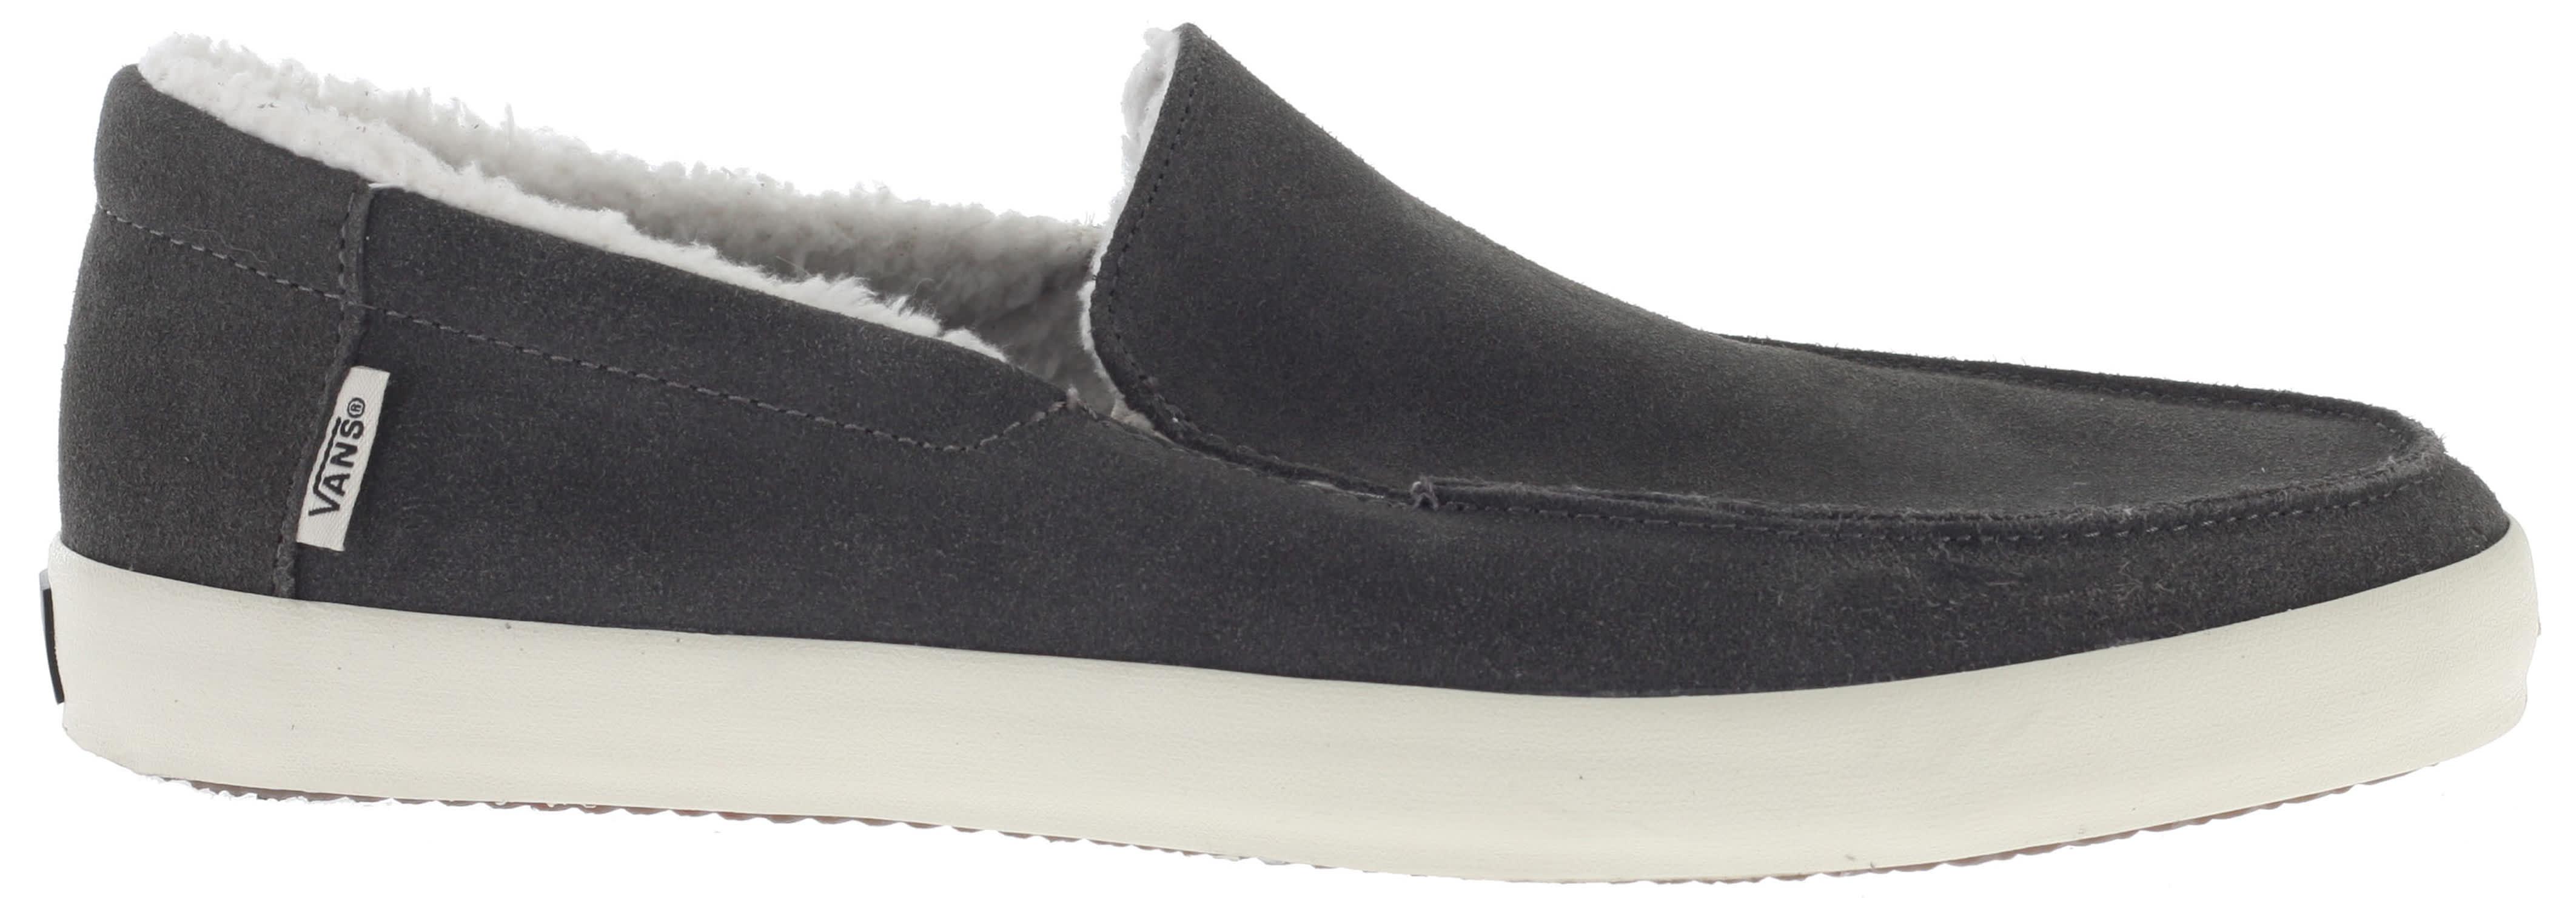 80c79ca52e8f9f Vans Bali Shoes - thumbnail 1